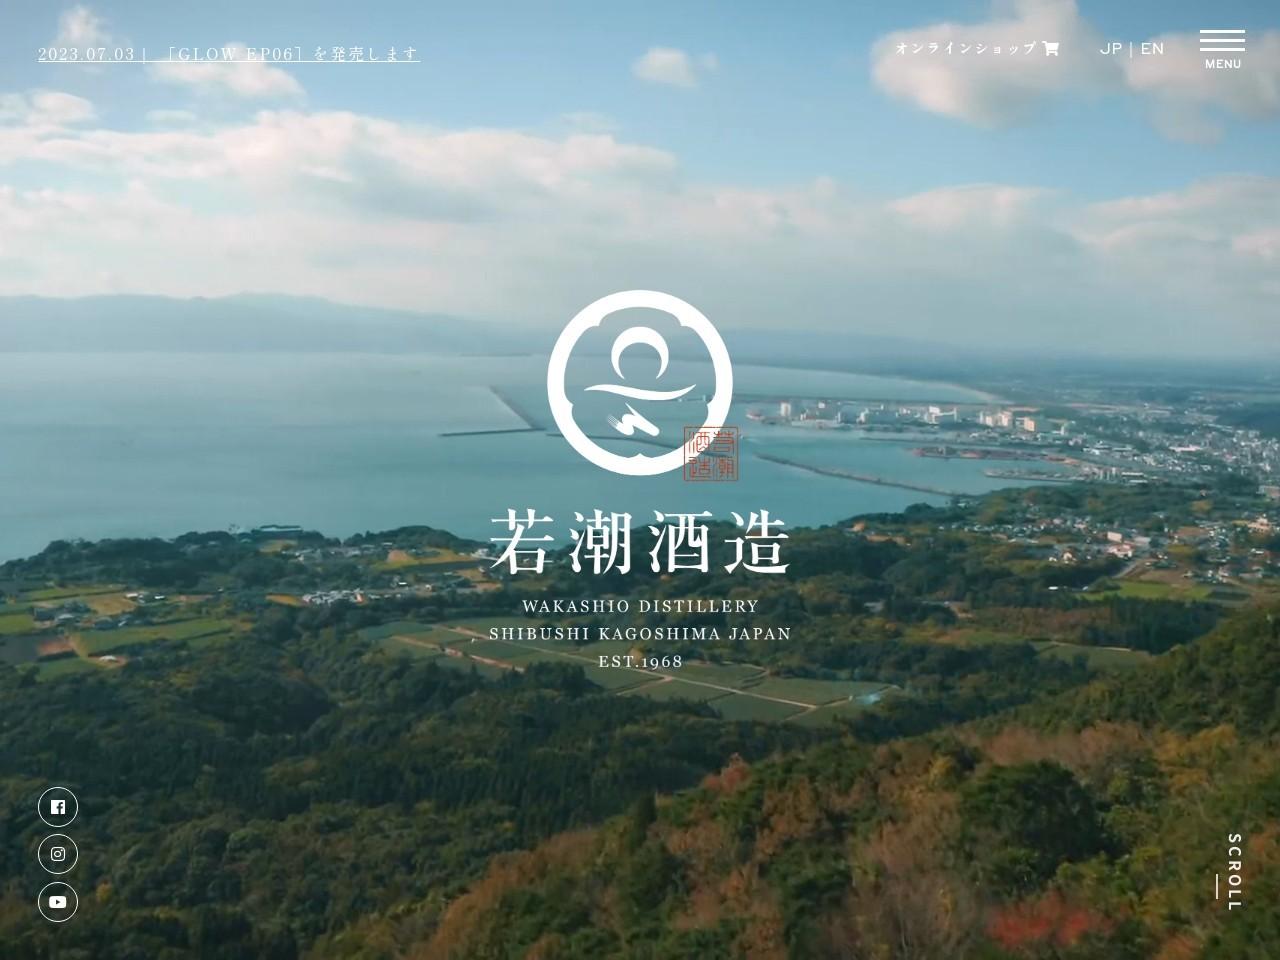 鹿児島・芋焼酎のさつま若潮・千亀女等の若潮酒造株式会社|トップページ